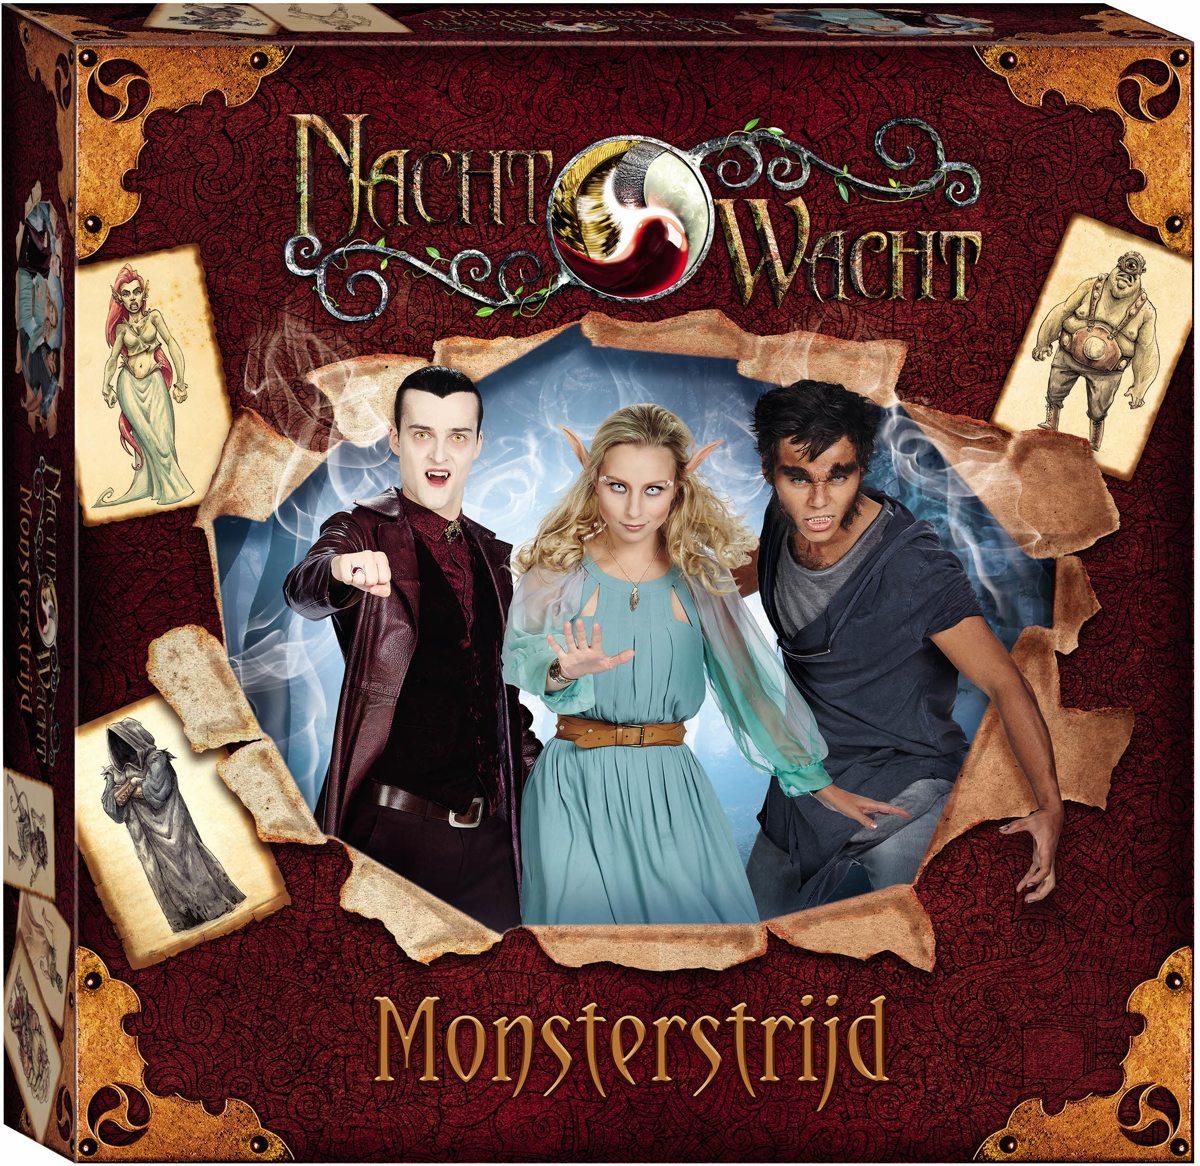 Studio 100 Nachtwacht spel Monsterstrijd - Bordspel